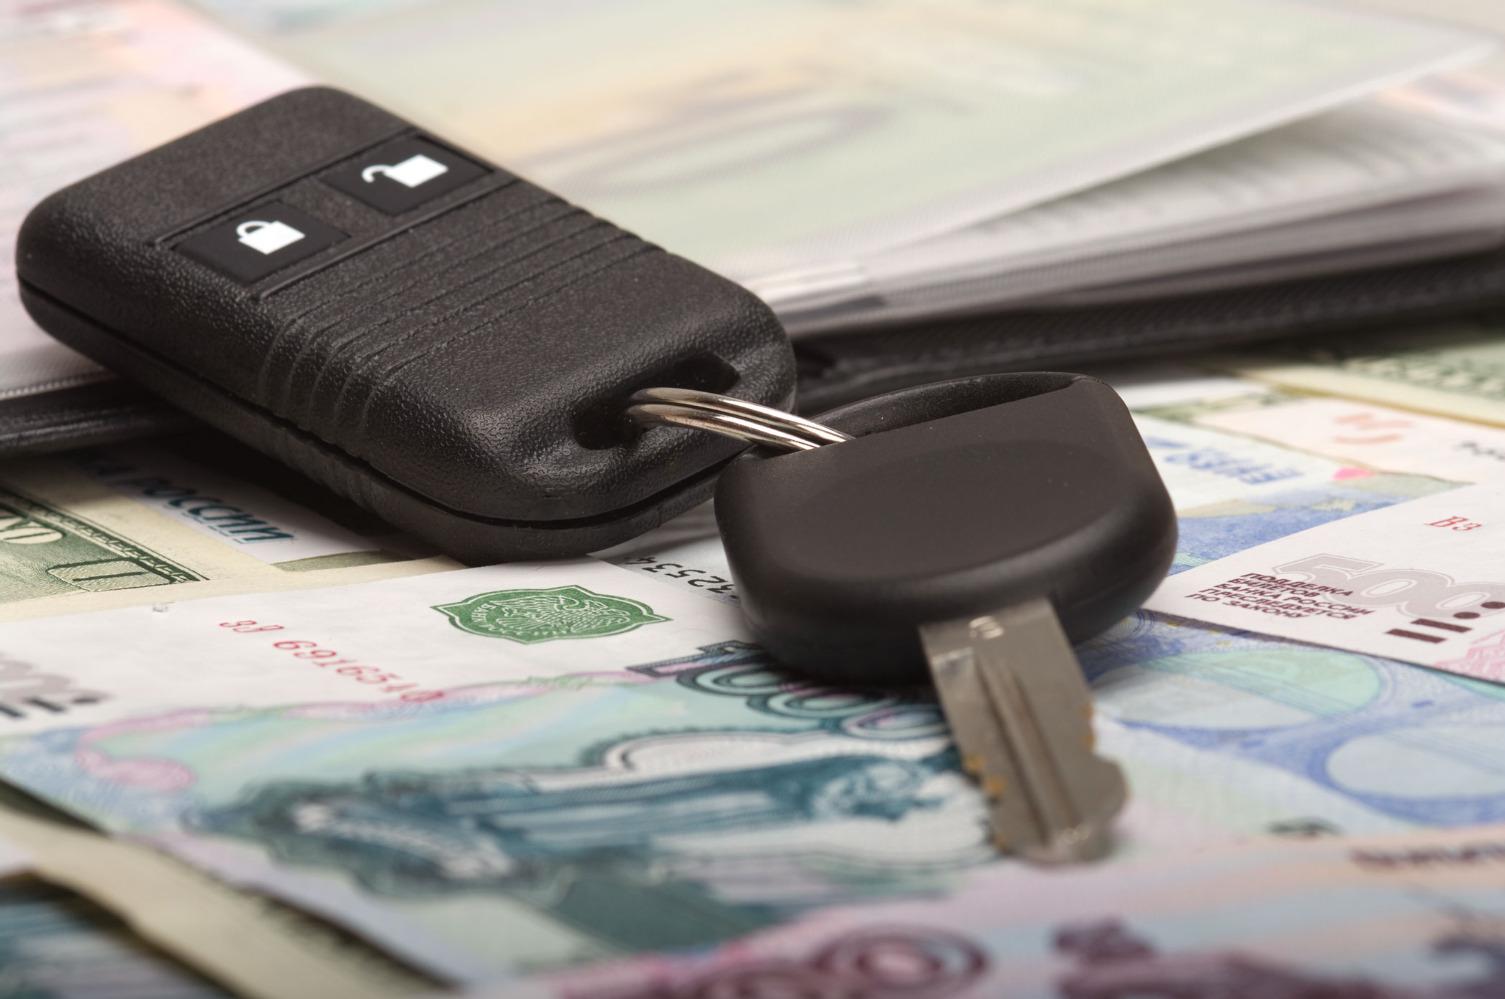 Продажа автомобиля в Беларуси: где разместить объявление и найти покупателя?